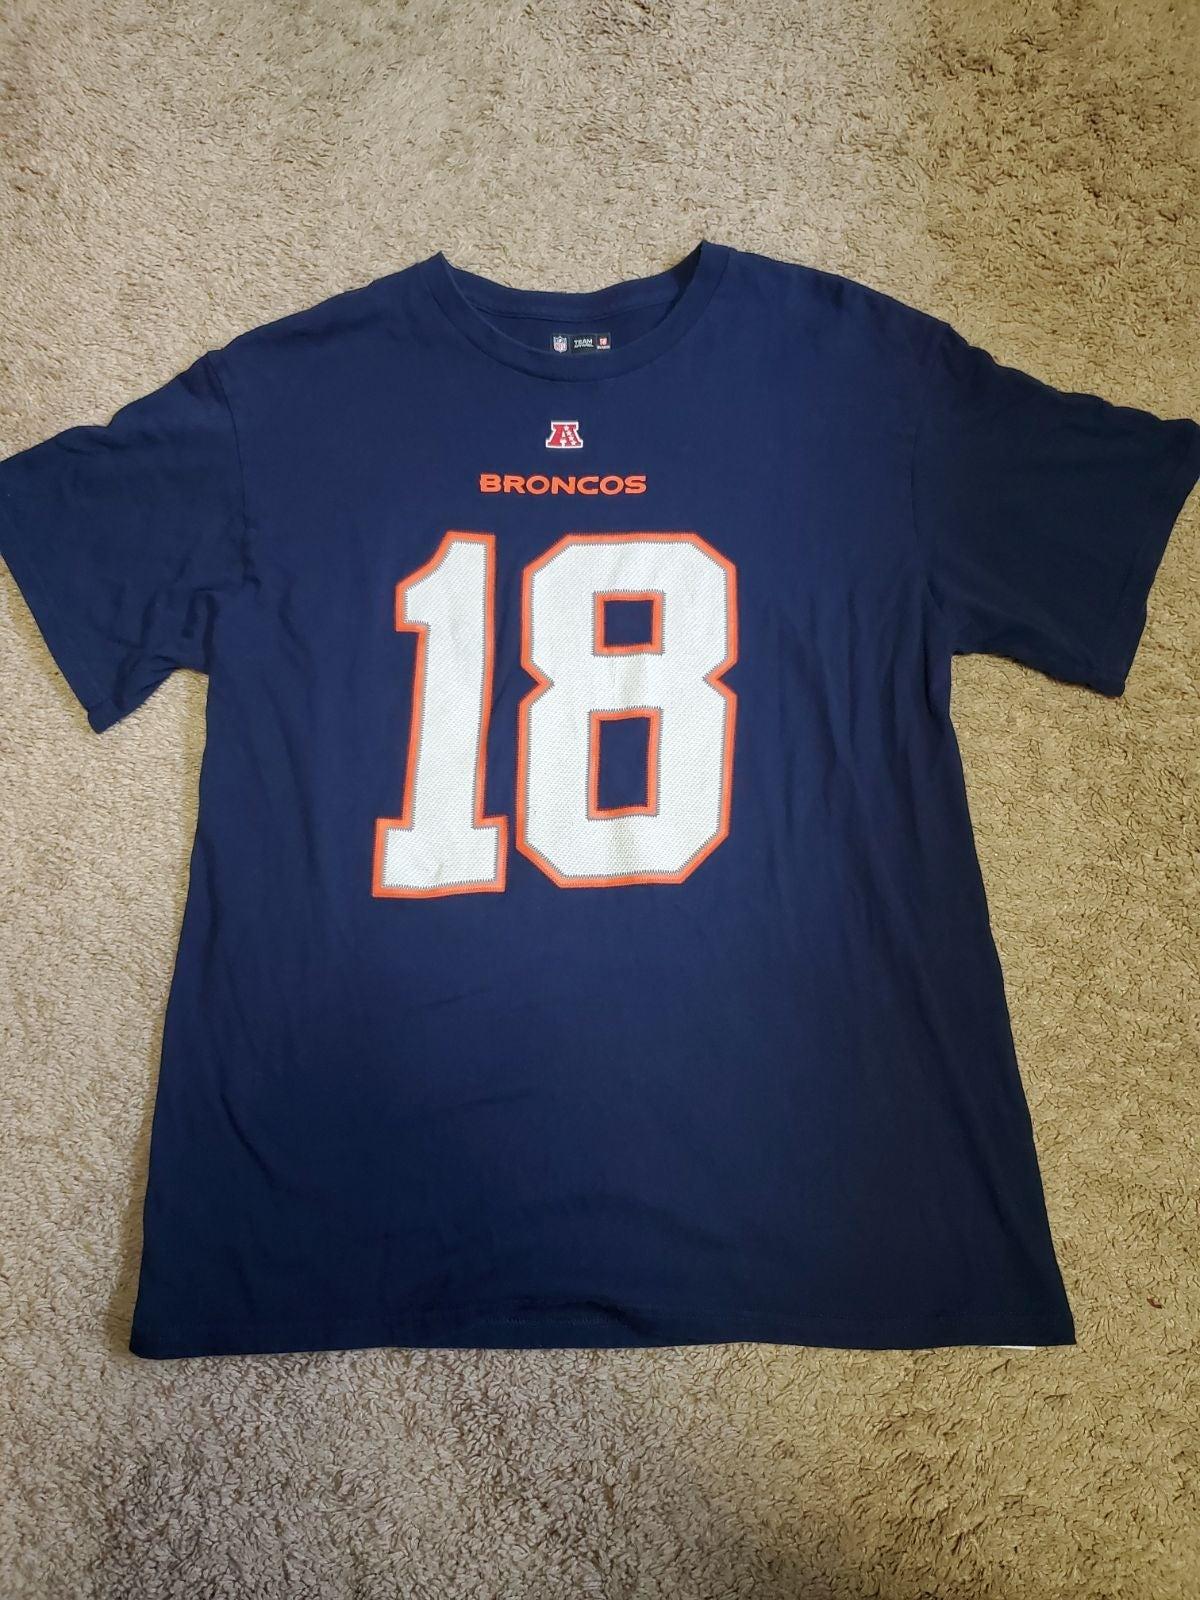 NFL Peyton Manning Denver Broncos Shirt